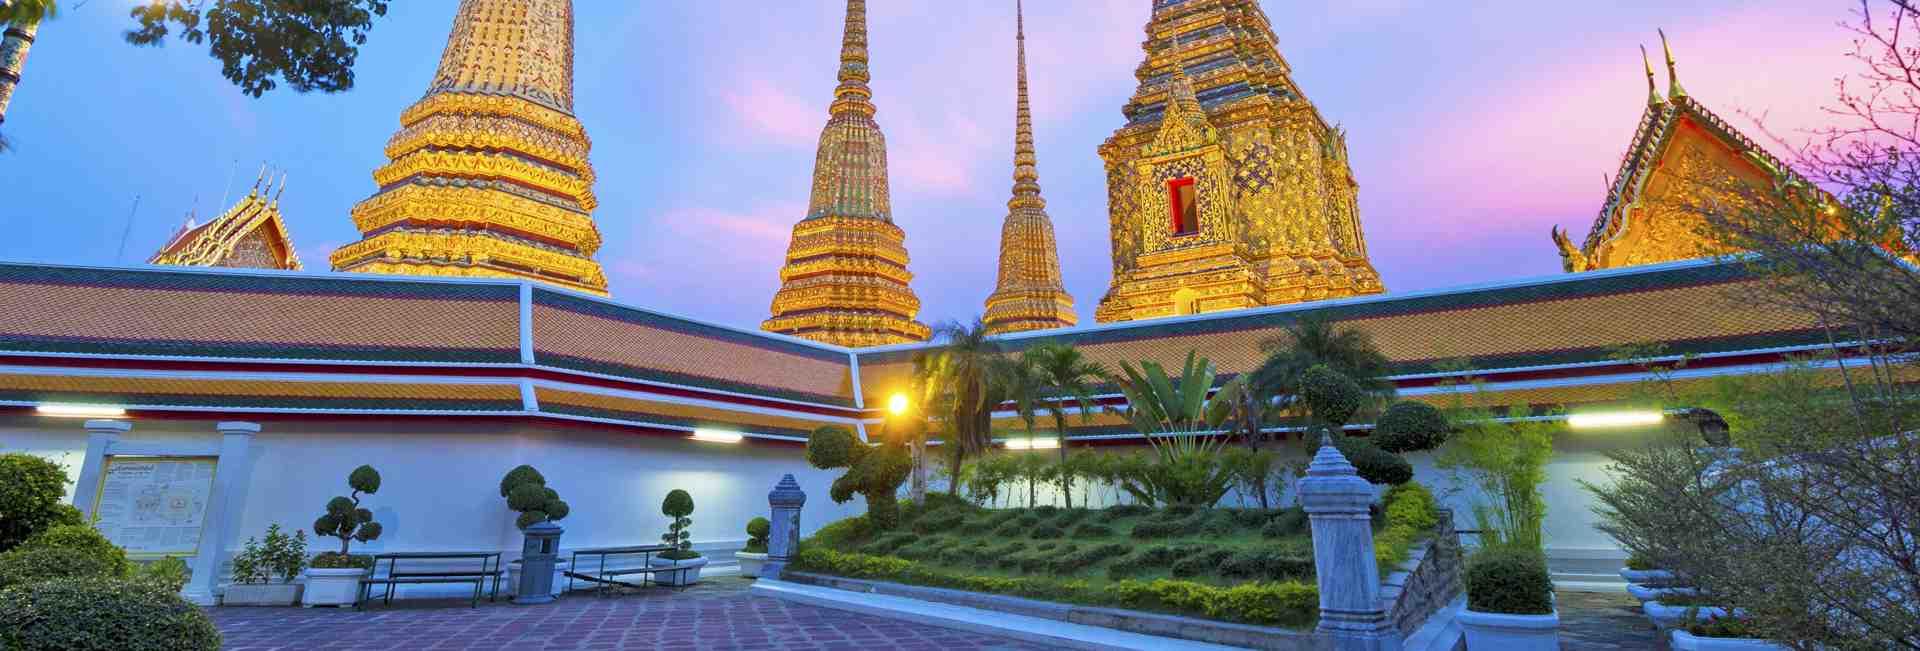 מקדש הבודהה השוכב בבנגקוק